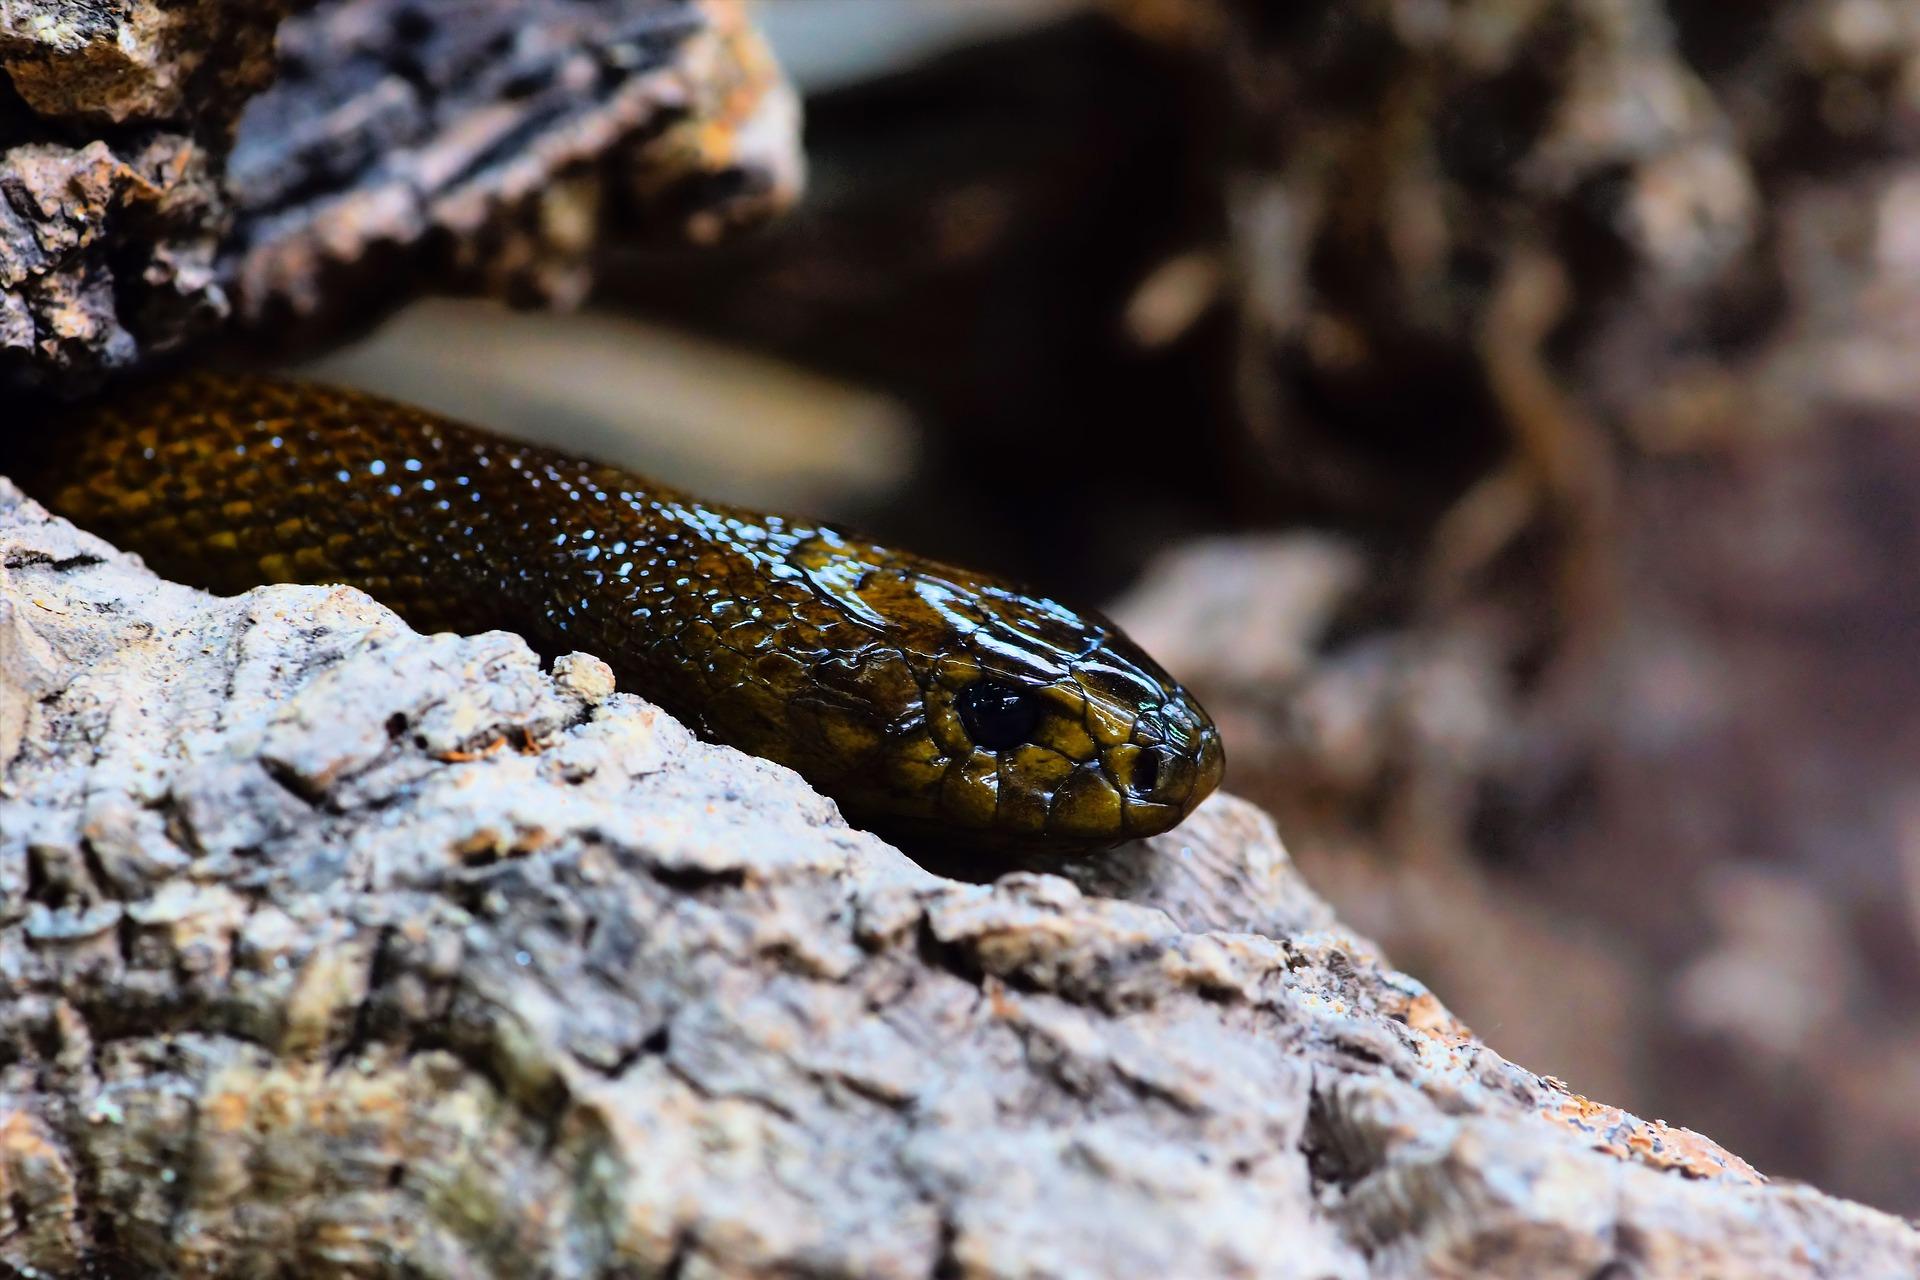 Taipán del interior, serpiente más venenosa del mundo terrestre